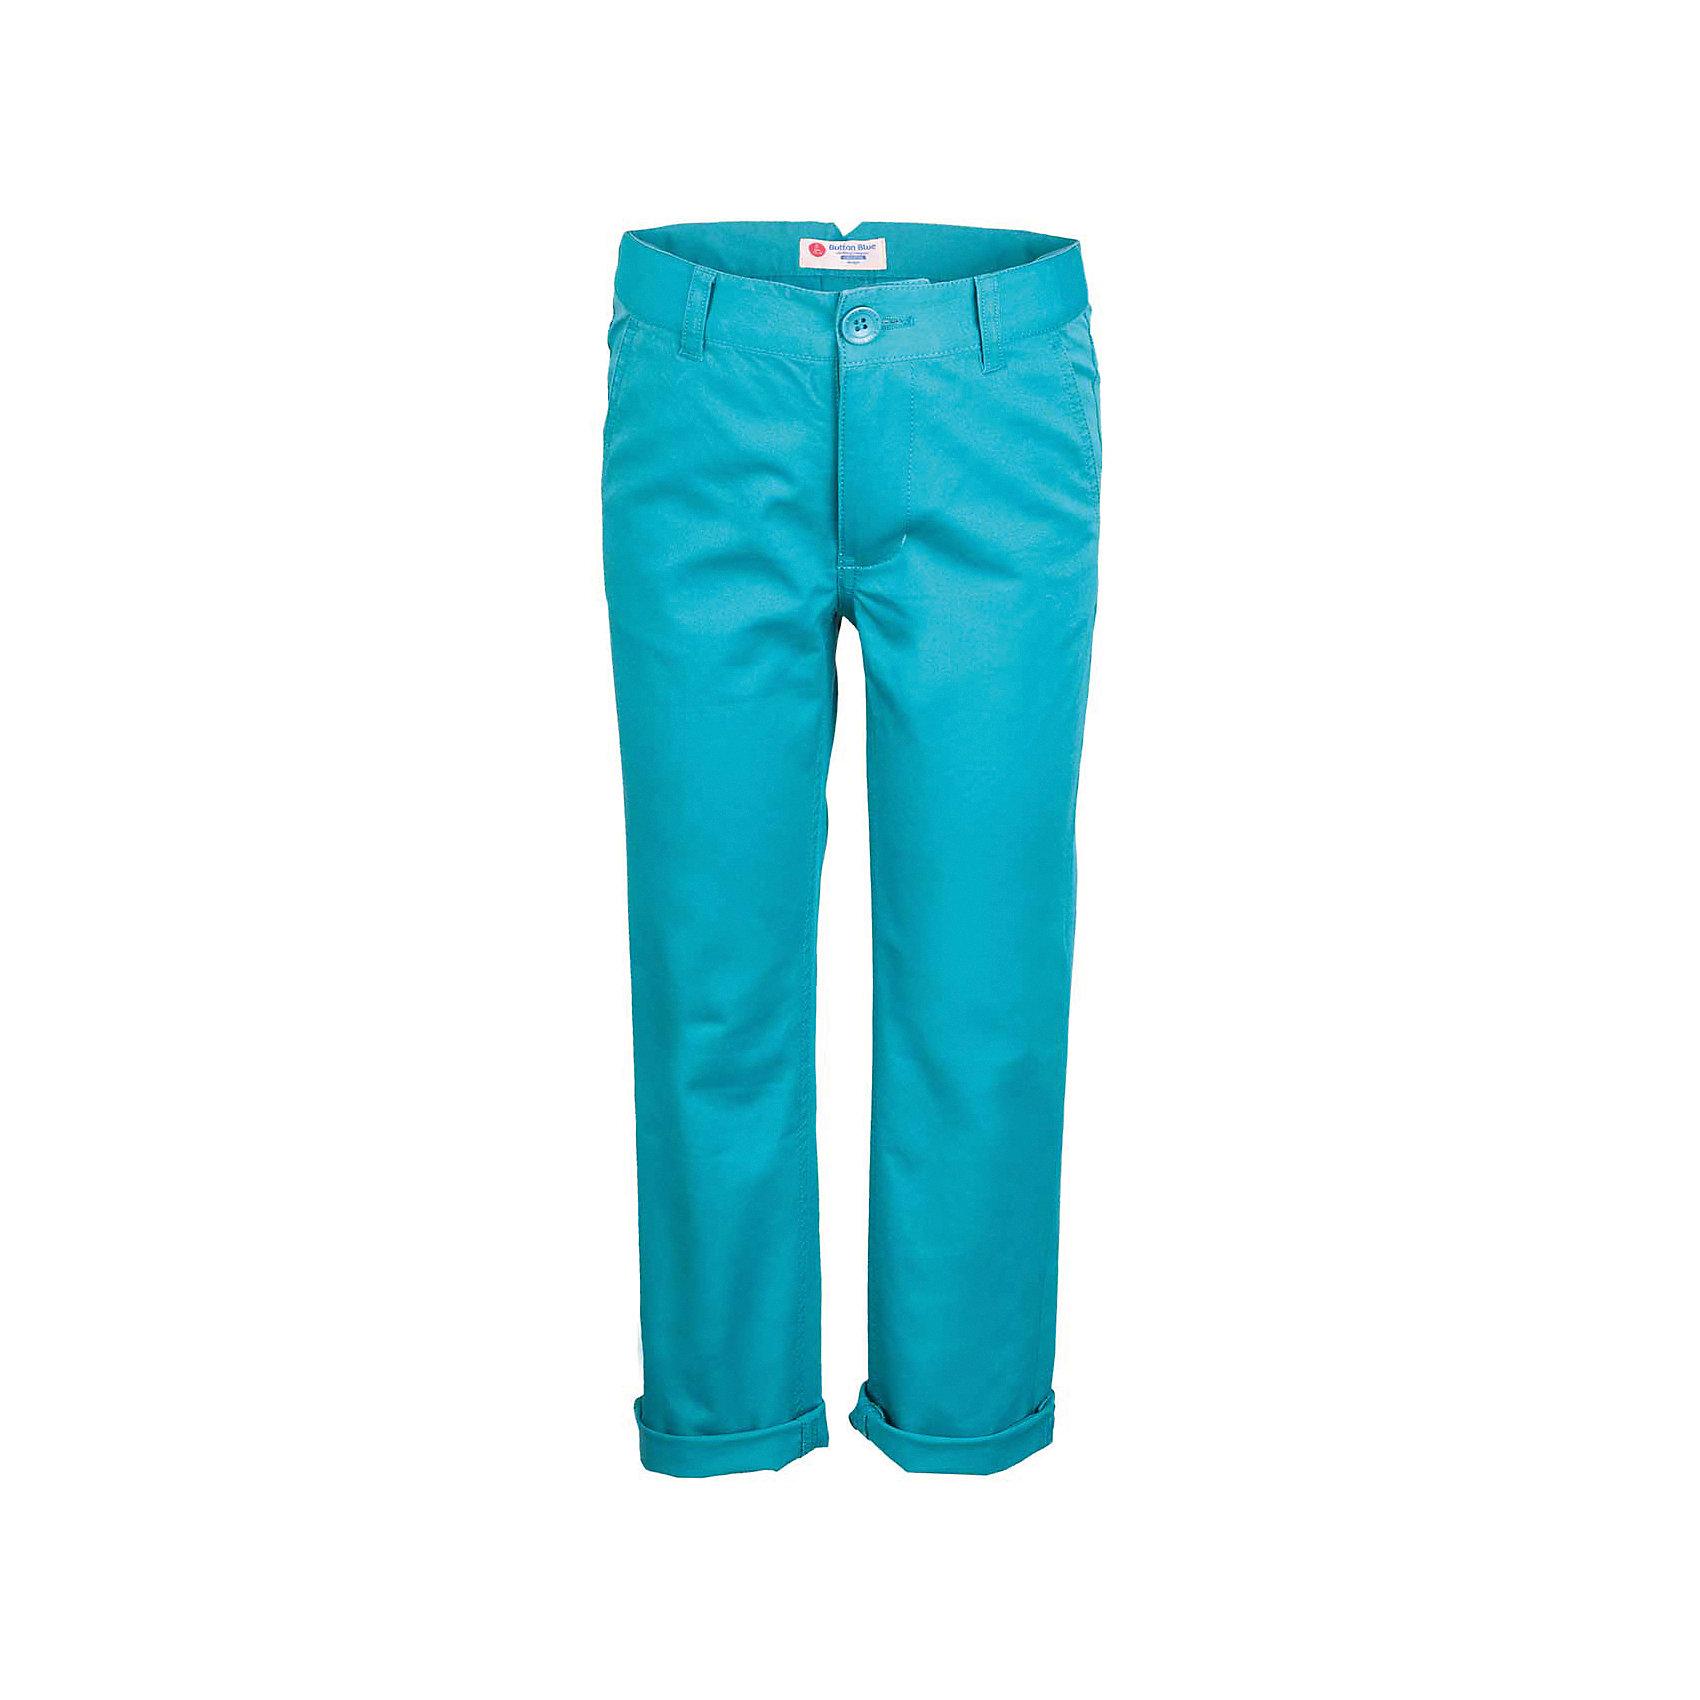 Брюки для мальчика  BUTTON BLUEБрюки<br>Брюки для мальчика  BUTTON BLUE<br>Яркие брюки - залог стильного образа для каждого дня лета. Отличные брюки из хлопка с эластаном гарантируют прекрасный внешний вид, комфорт и свободу движений. В компании с любой майкой, футболкой, джемпером брюки составят достойный летний комплект. Если вы хотите купить недорогие детские брюки, не сомневаясь в их качестве, высоких потребительских свойствах и соответствии модным трендам, брюки для мальчика от Button Blue - лучший вариант!<br>Состав:<br>97% хлопок 3%эластан<br><br>Ширина мм: 215<br>Глубина мм: 88<br>Высота мм: 191<br>Вес г: 336<br>Цвет: бирюзовый<br>Возраст от месяцев: 108<br>Возраст до месяцев: 120<br>Пол: Мужской<br>Возраст: Детский<br>Размер: 140,158,152,146,134,128,122,116,110<br>SKU: 5524679